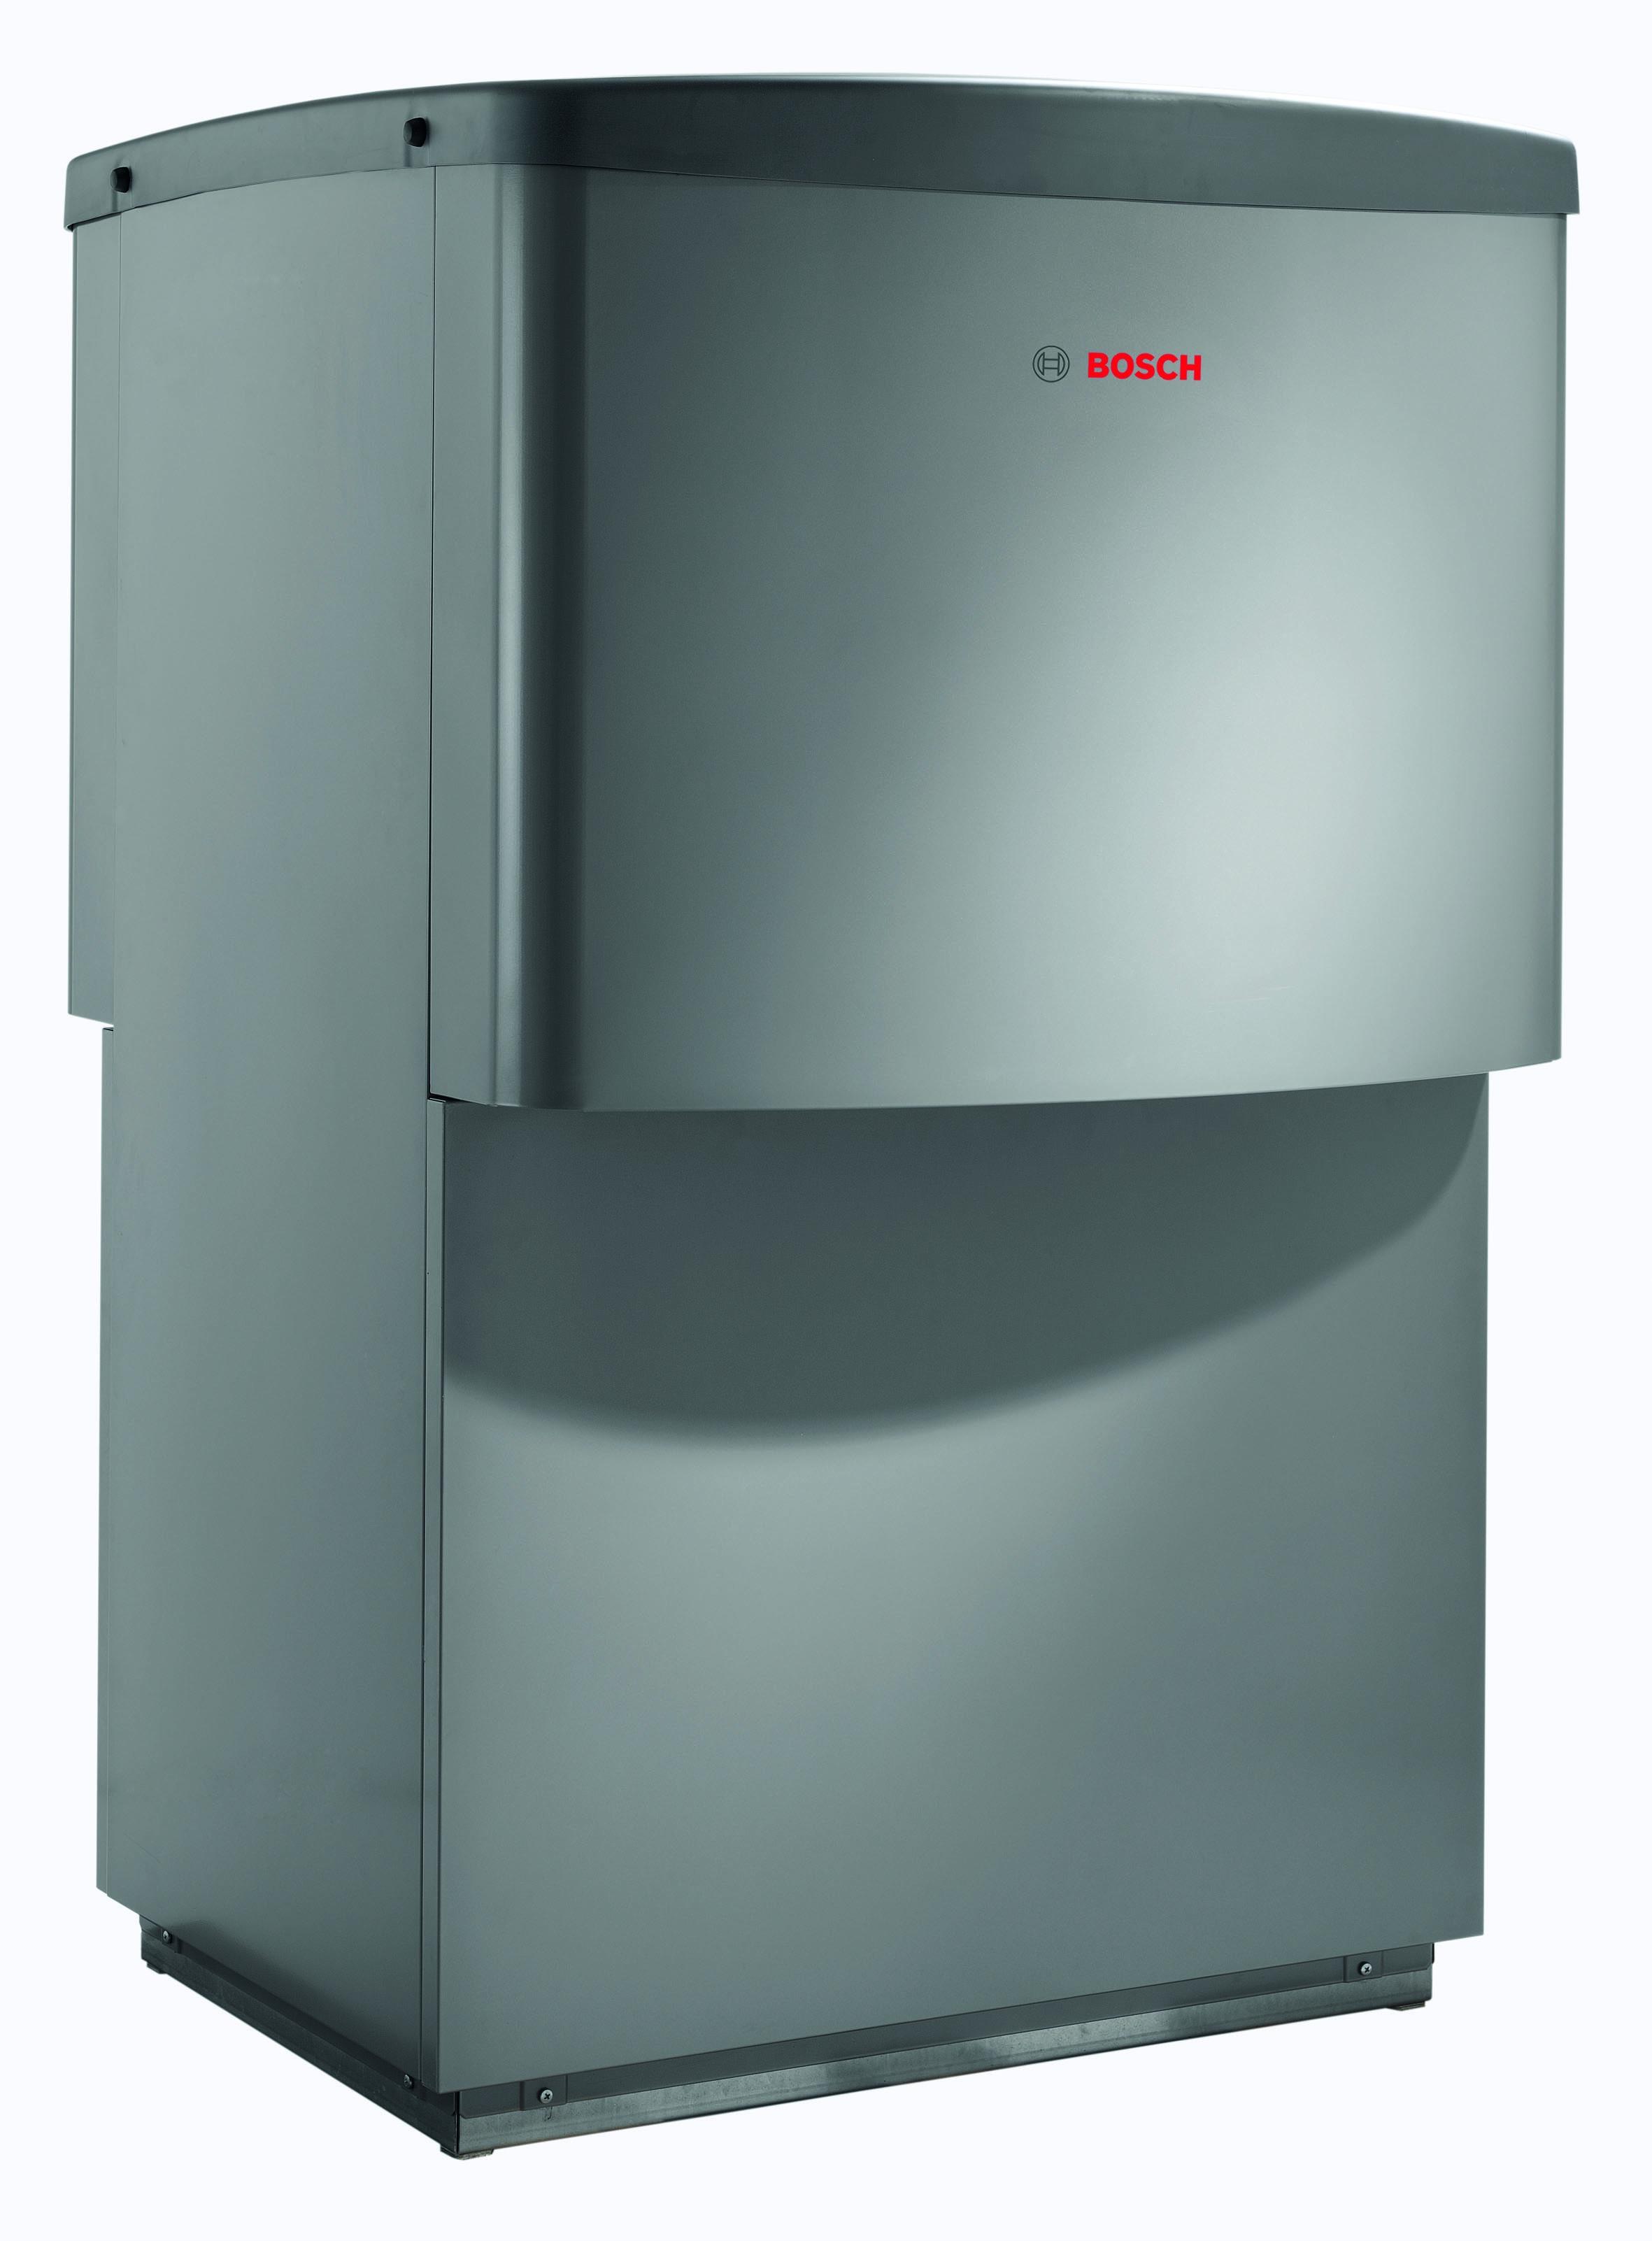 Ny lydsvag luft/vand varmepumpe fra Bosch